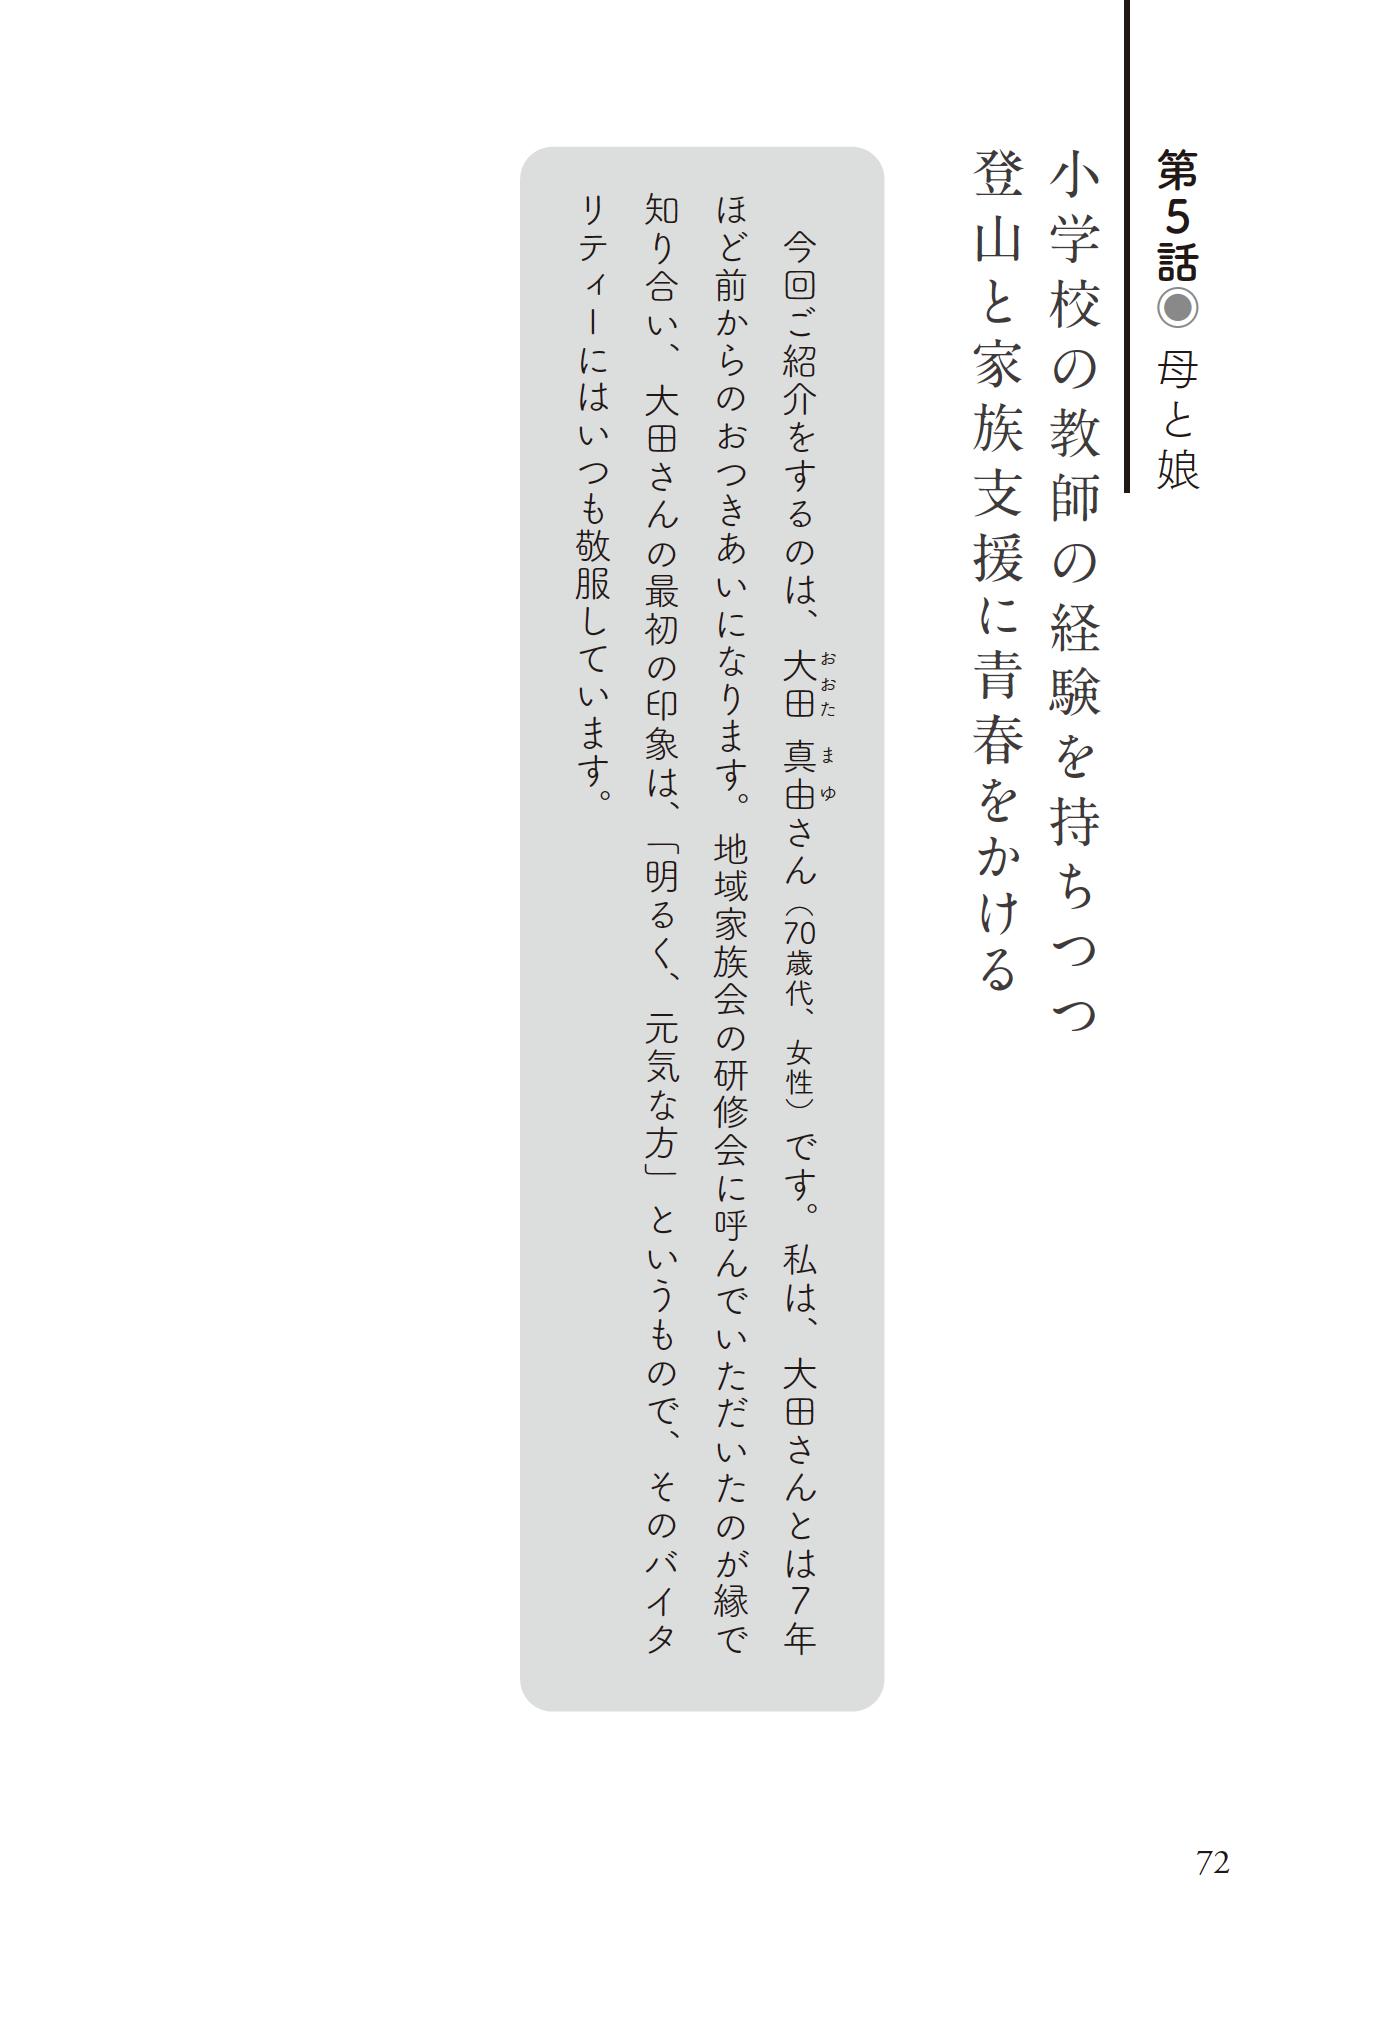 追体験 霧晴れる時出版トーク2-03-ota